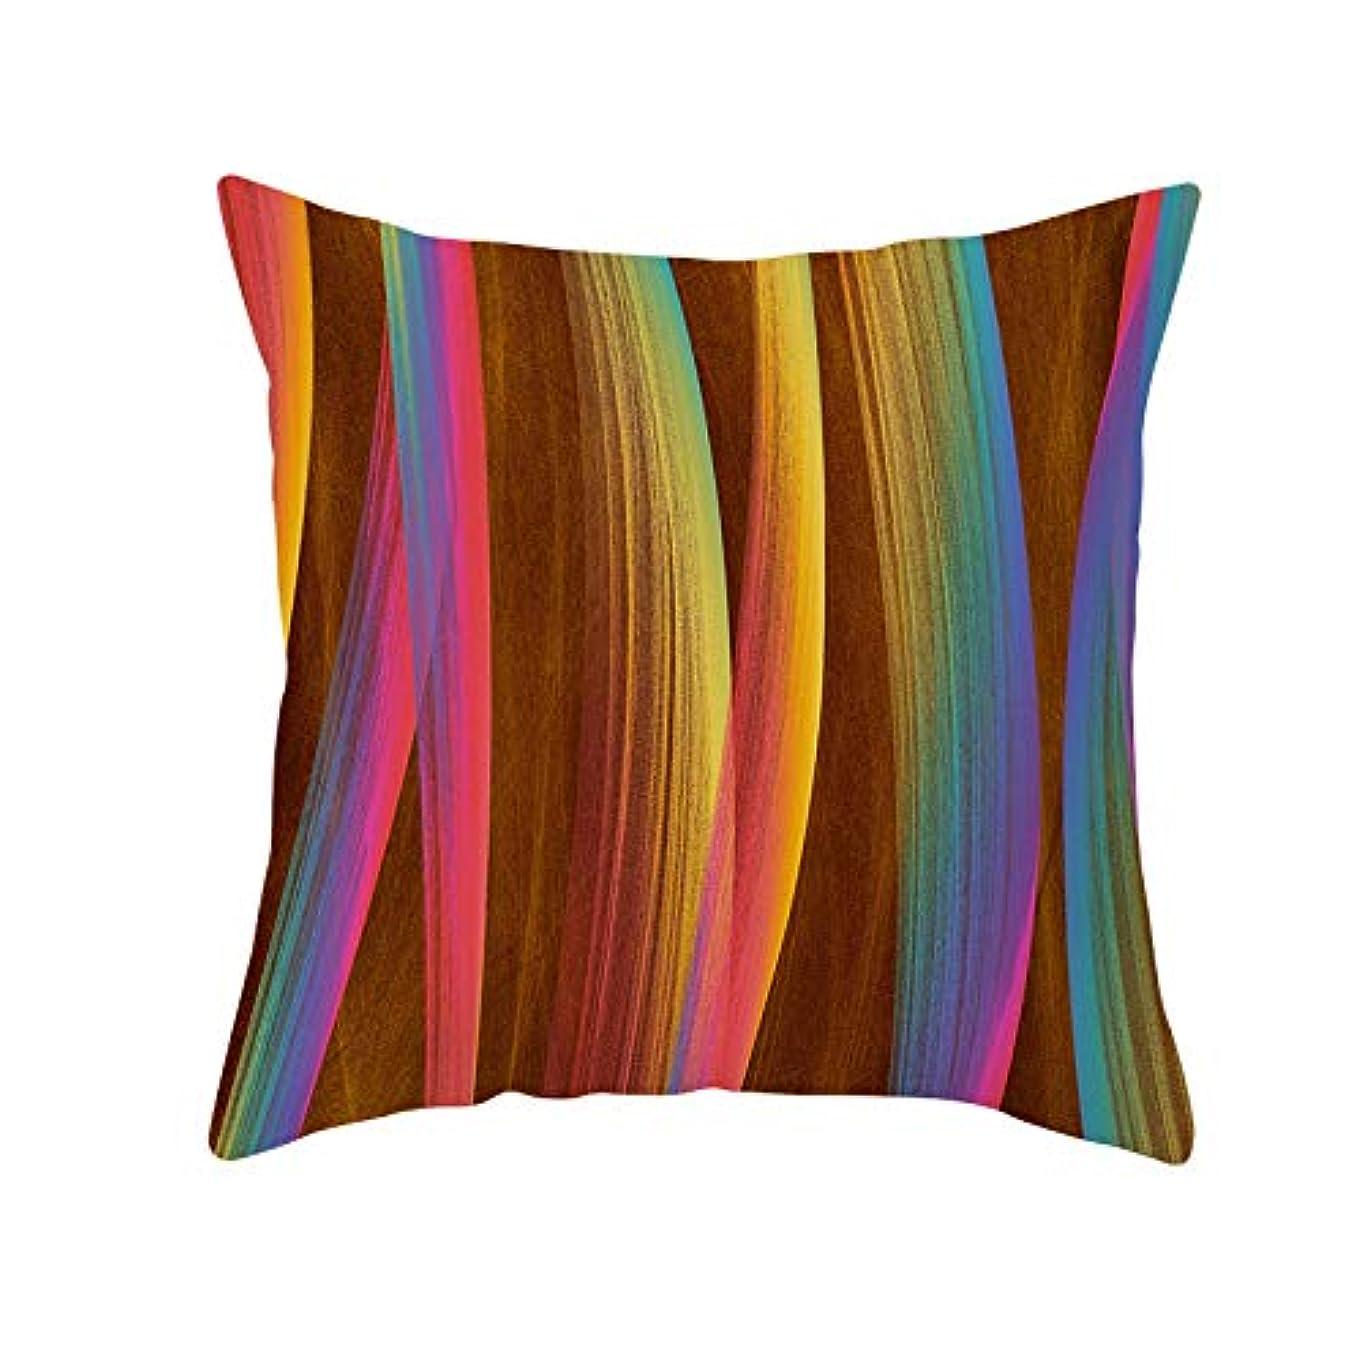 アルカイックはさみ造船LIFE 装飾クッションソファ 幾何学プリントポリエステル正方形の枕ソファスロークッション家の装飾 coussin デ長椅子 クッション 椅子